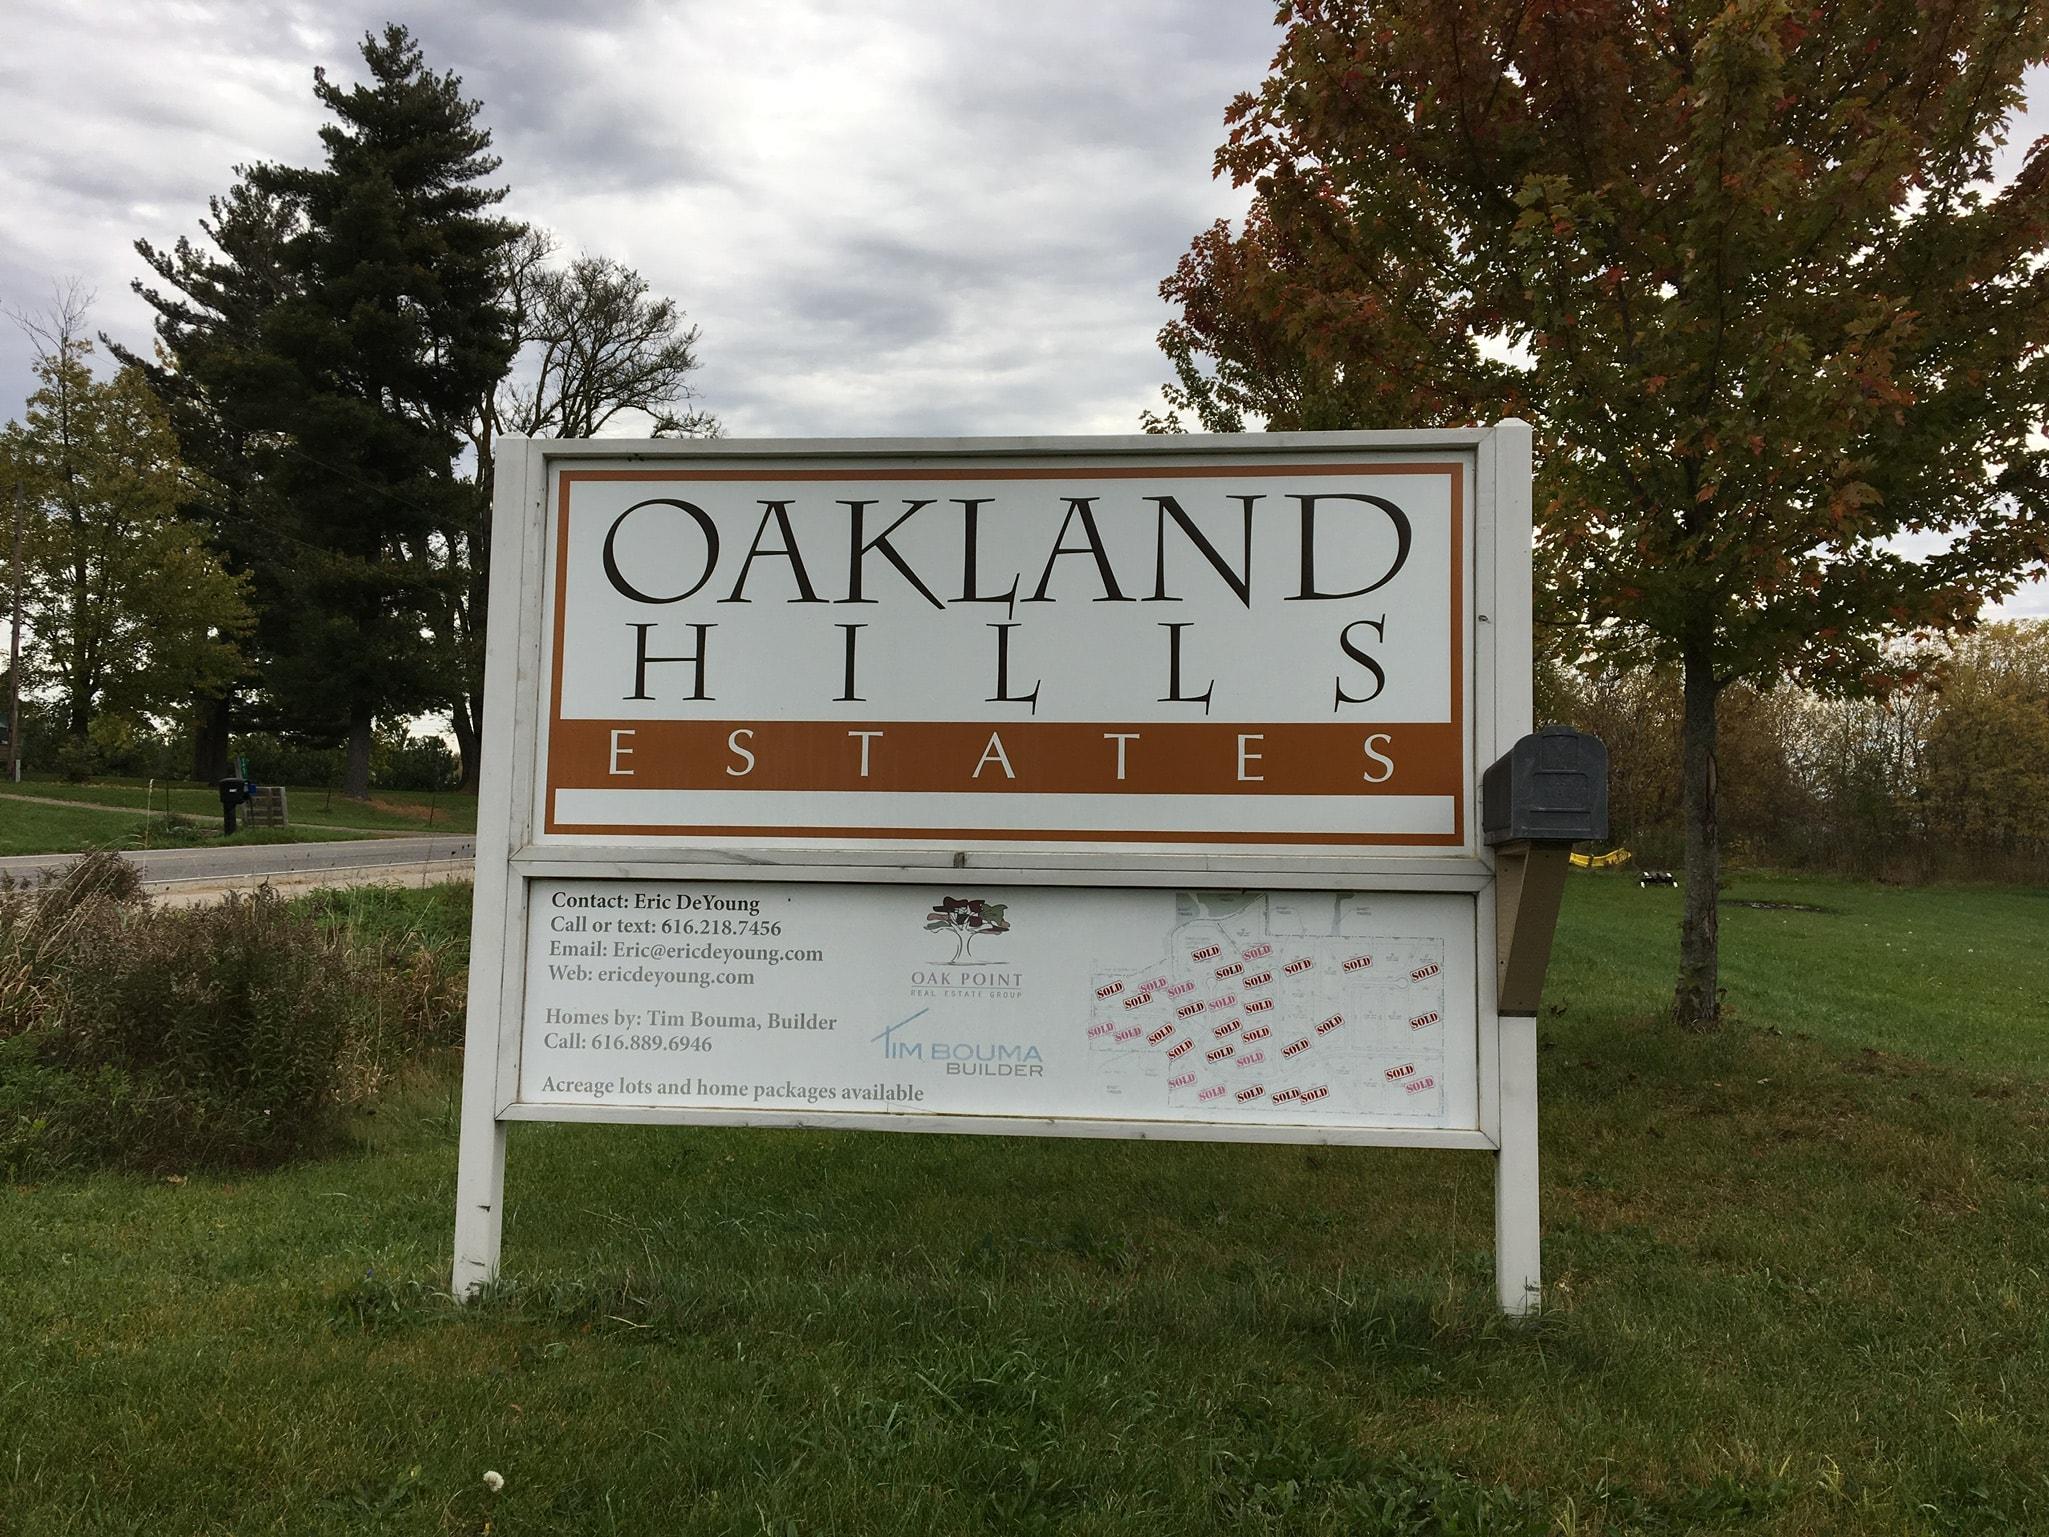 Entrance Sign of Oakland Hills Estates